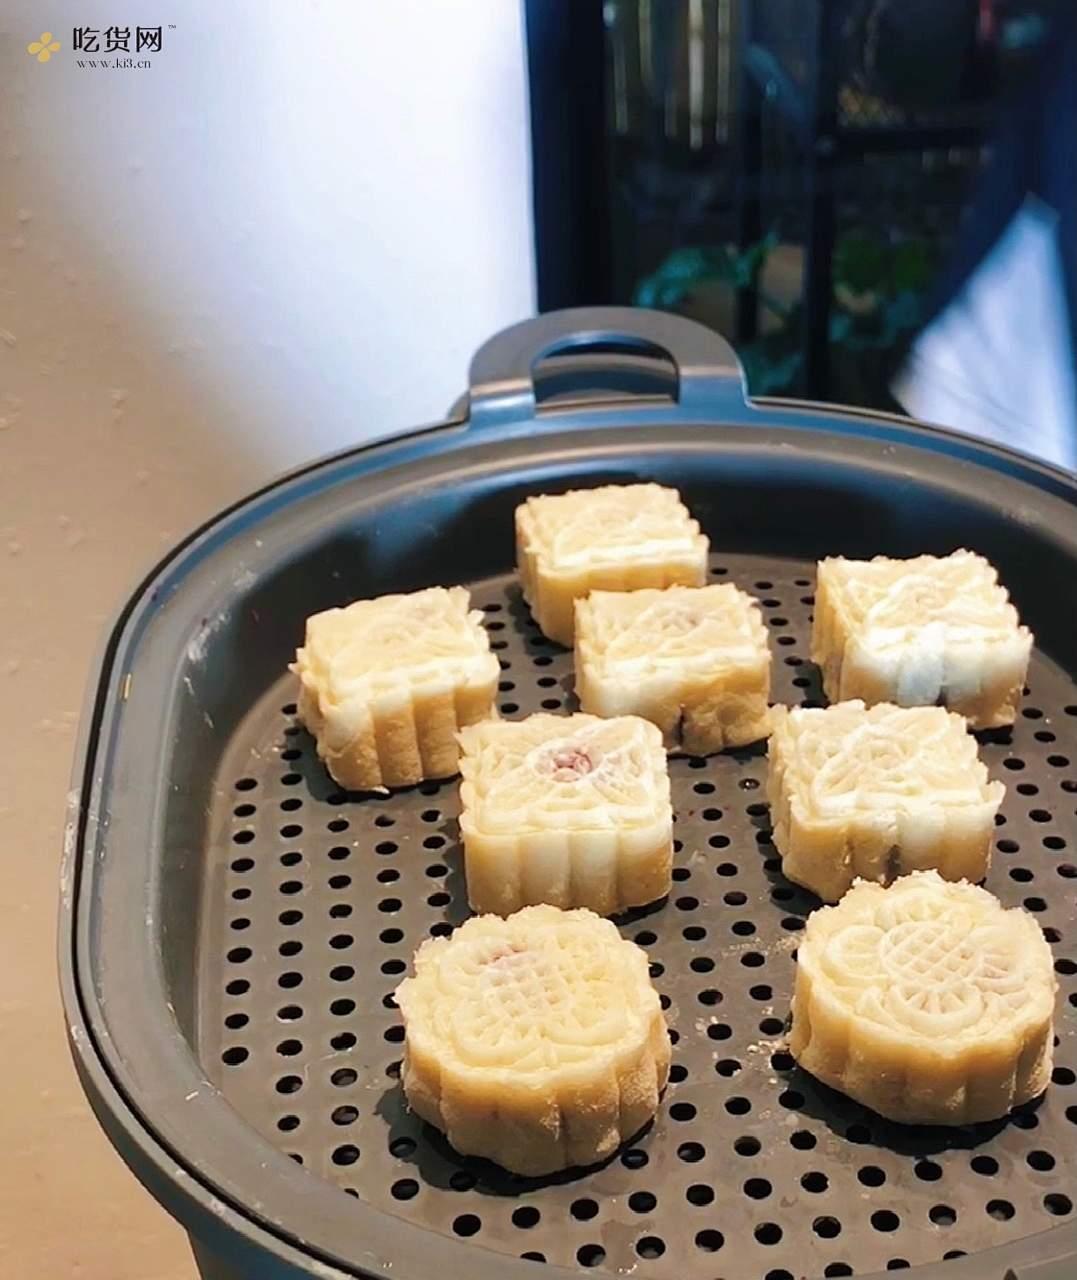 蜂蜜山药紫薯糕的做法 步骤8